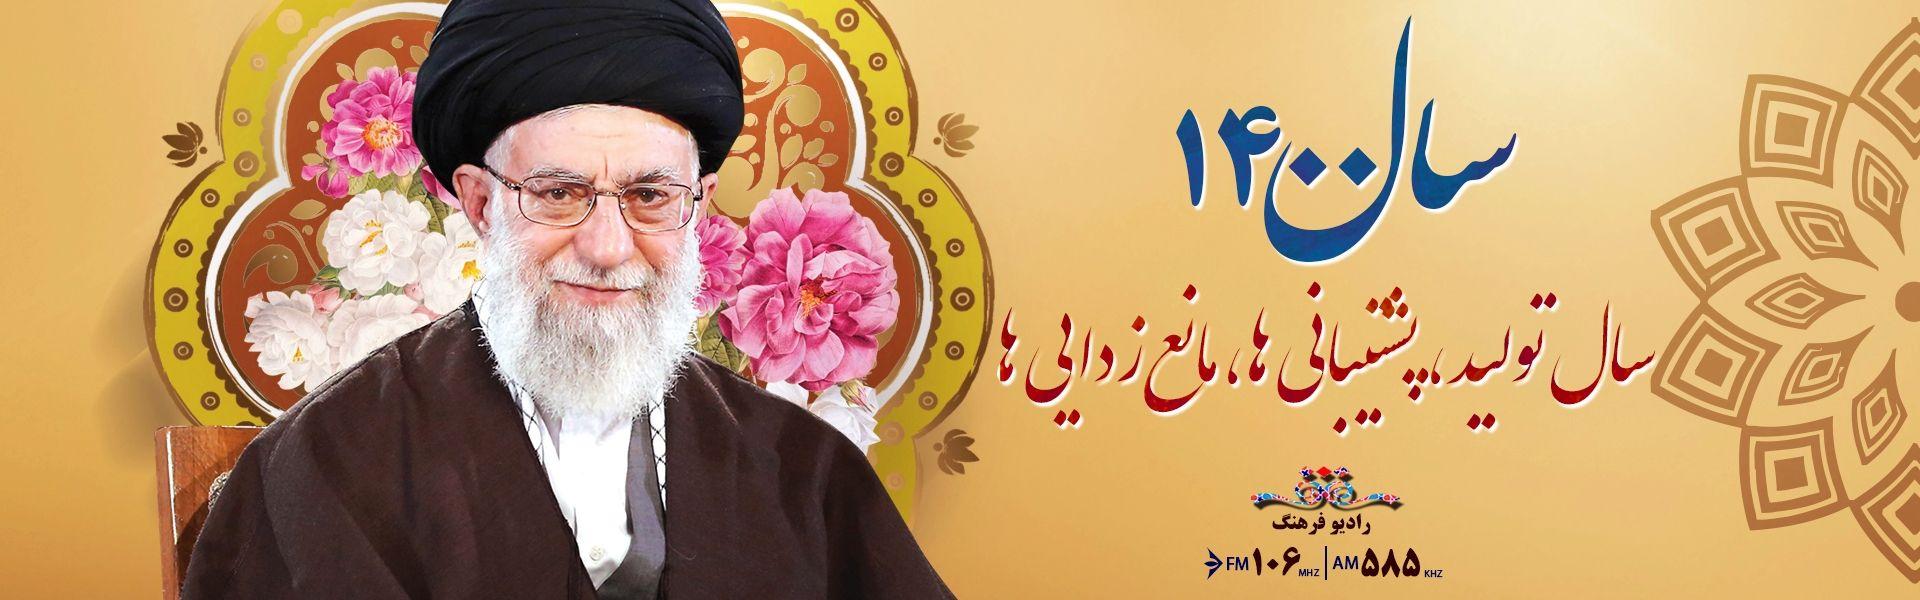 رهبر معظم انقلاب اسلامی سال 1400 را سال تولید، پشتیبانی ها، مانع زدایی ها نام گذاری کردند